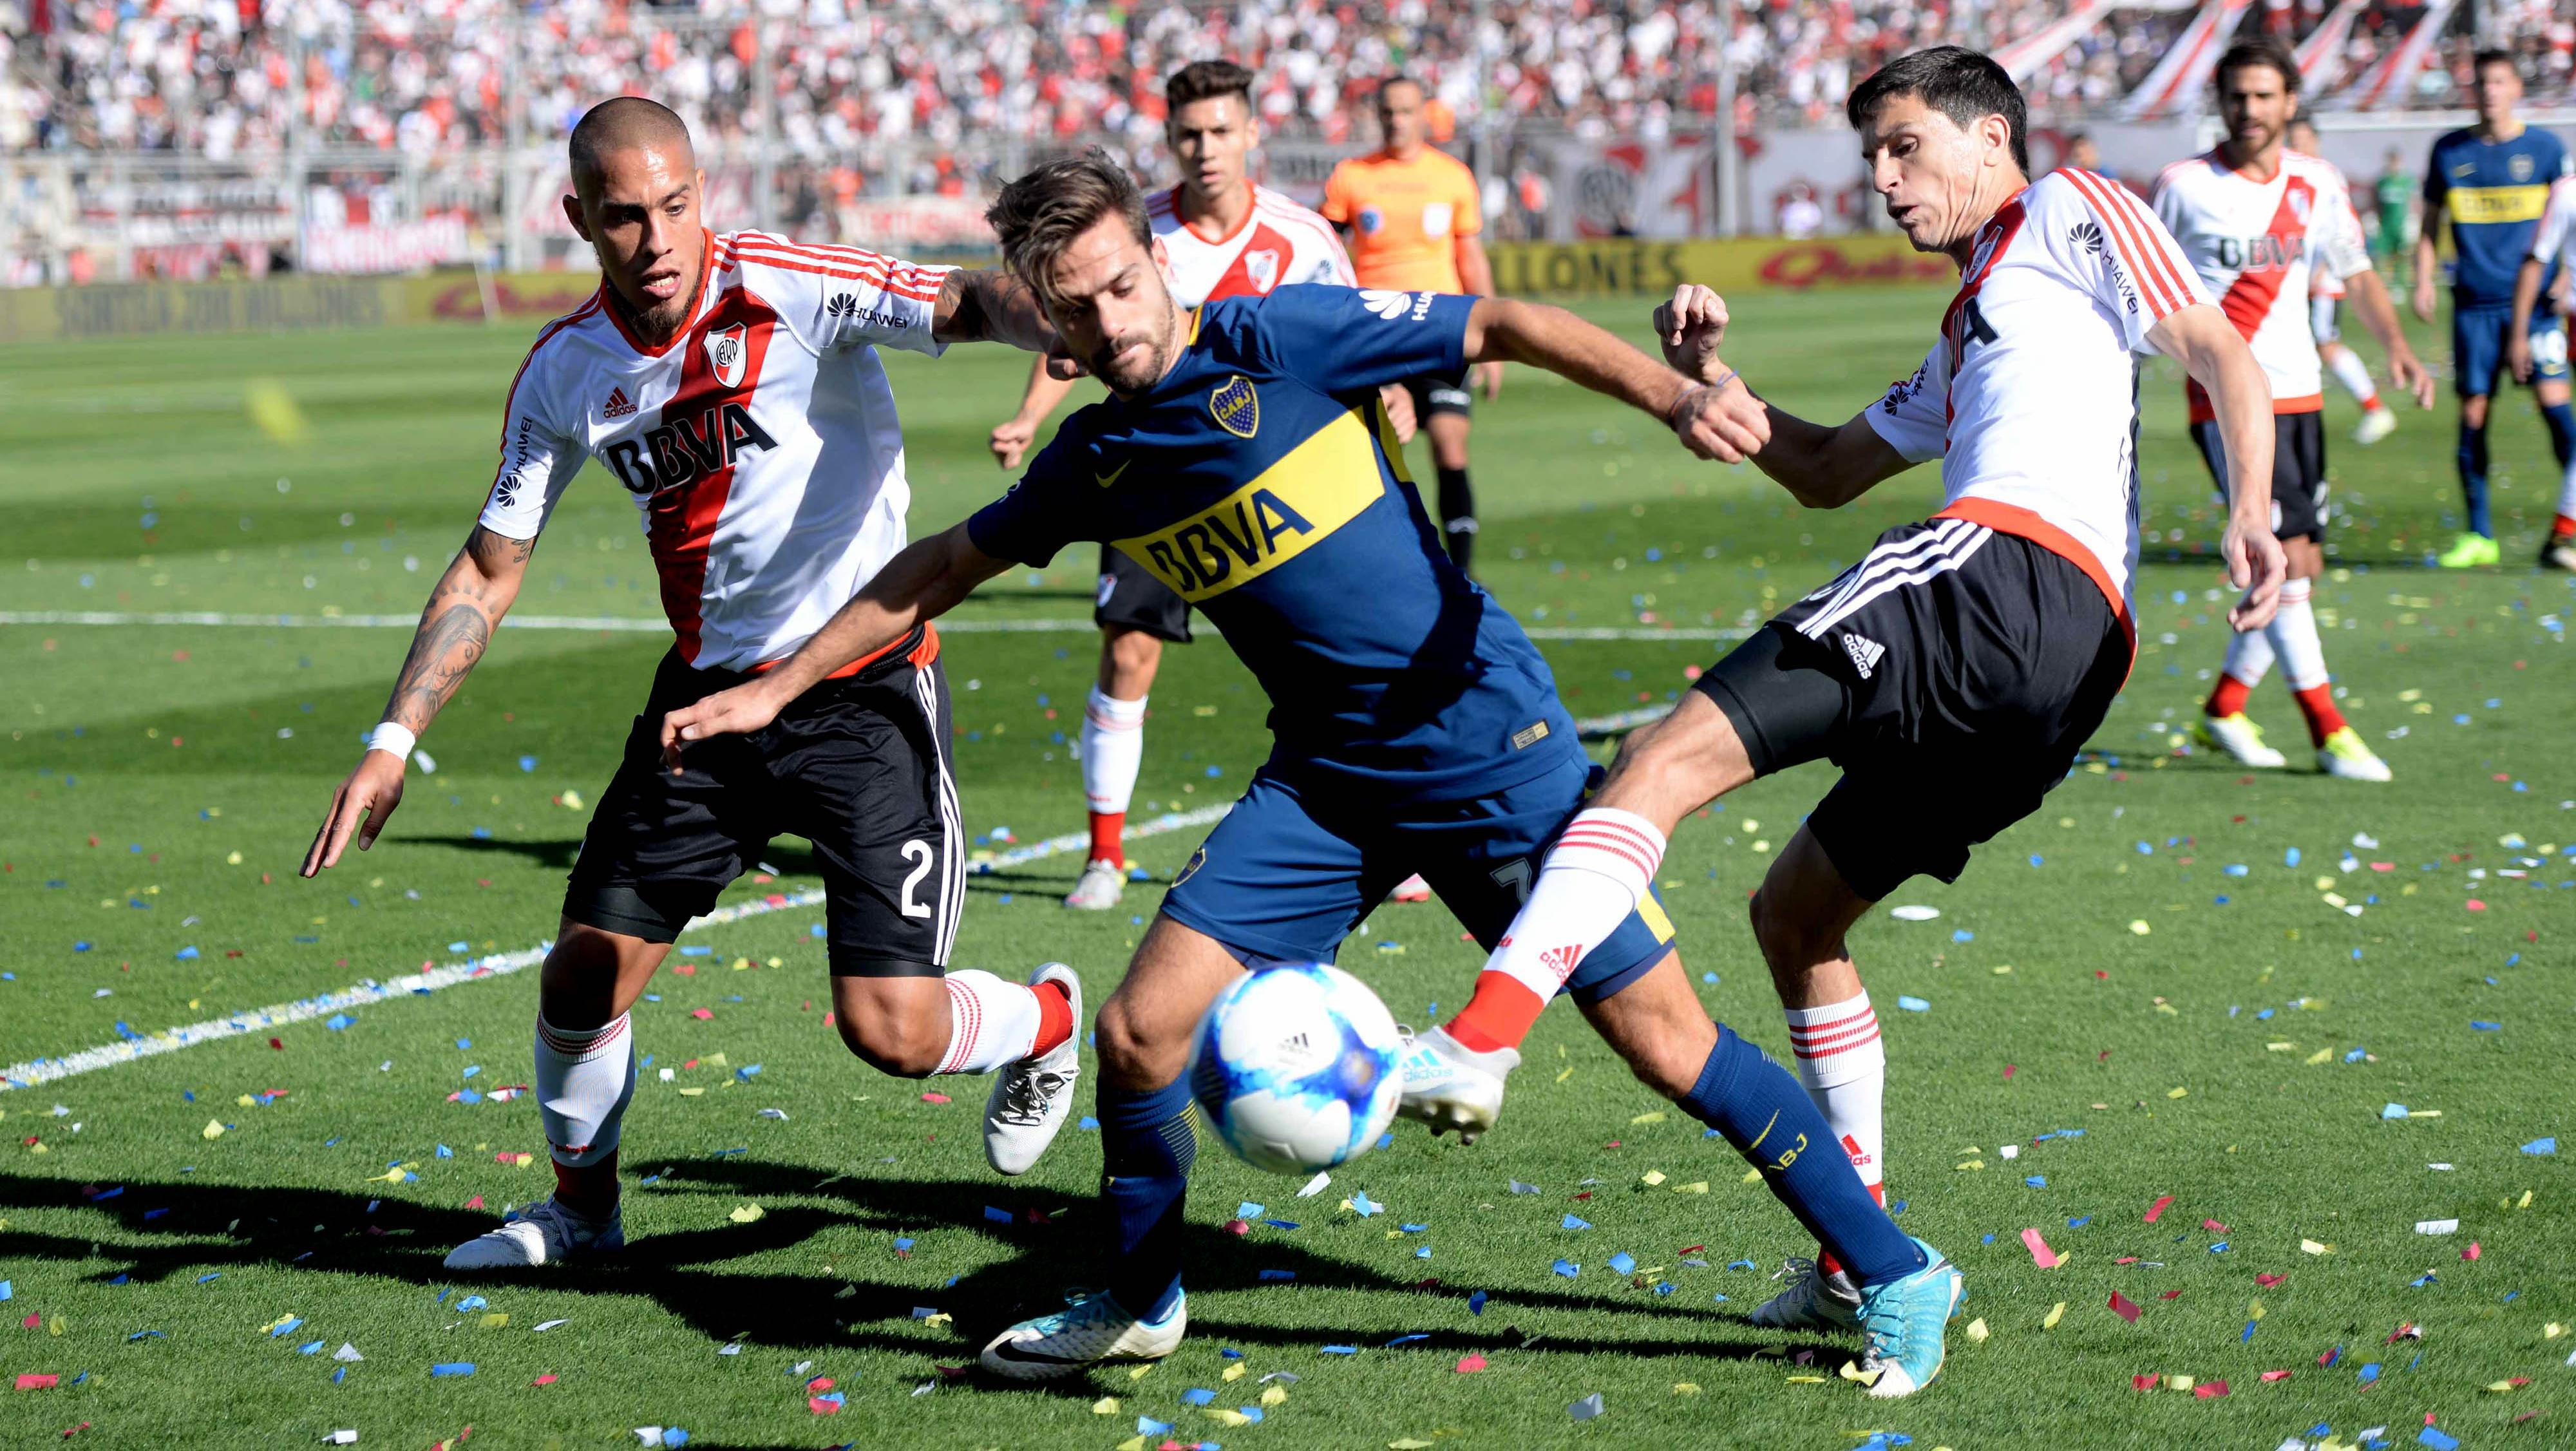 El partido se jugará el domingo 21 de eneroen el estadio José María Minella.